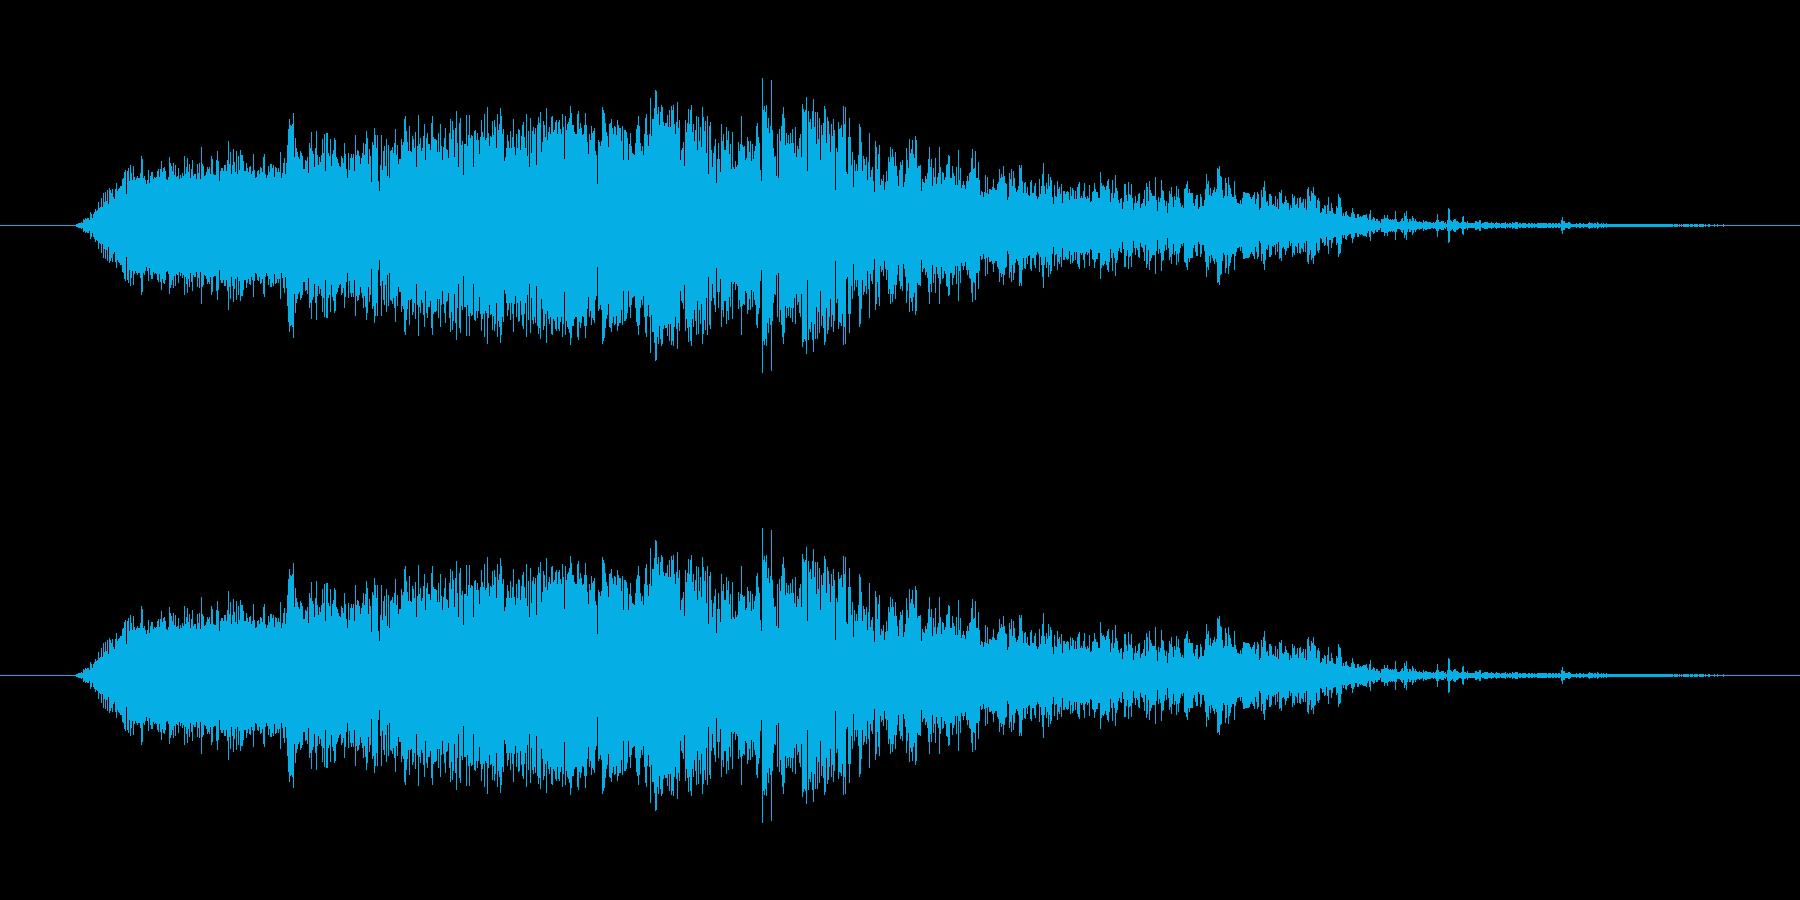 斬撃4【刀で切りつける斬撃】の再生済みの波形